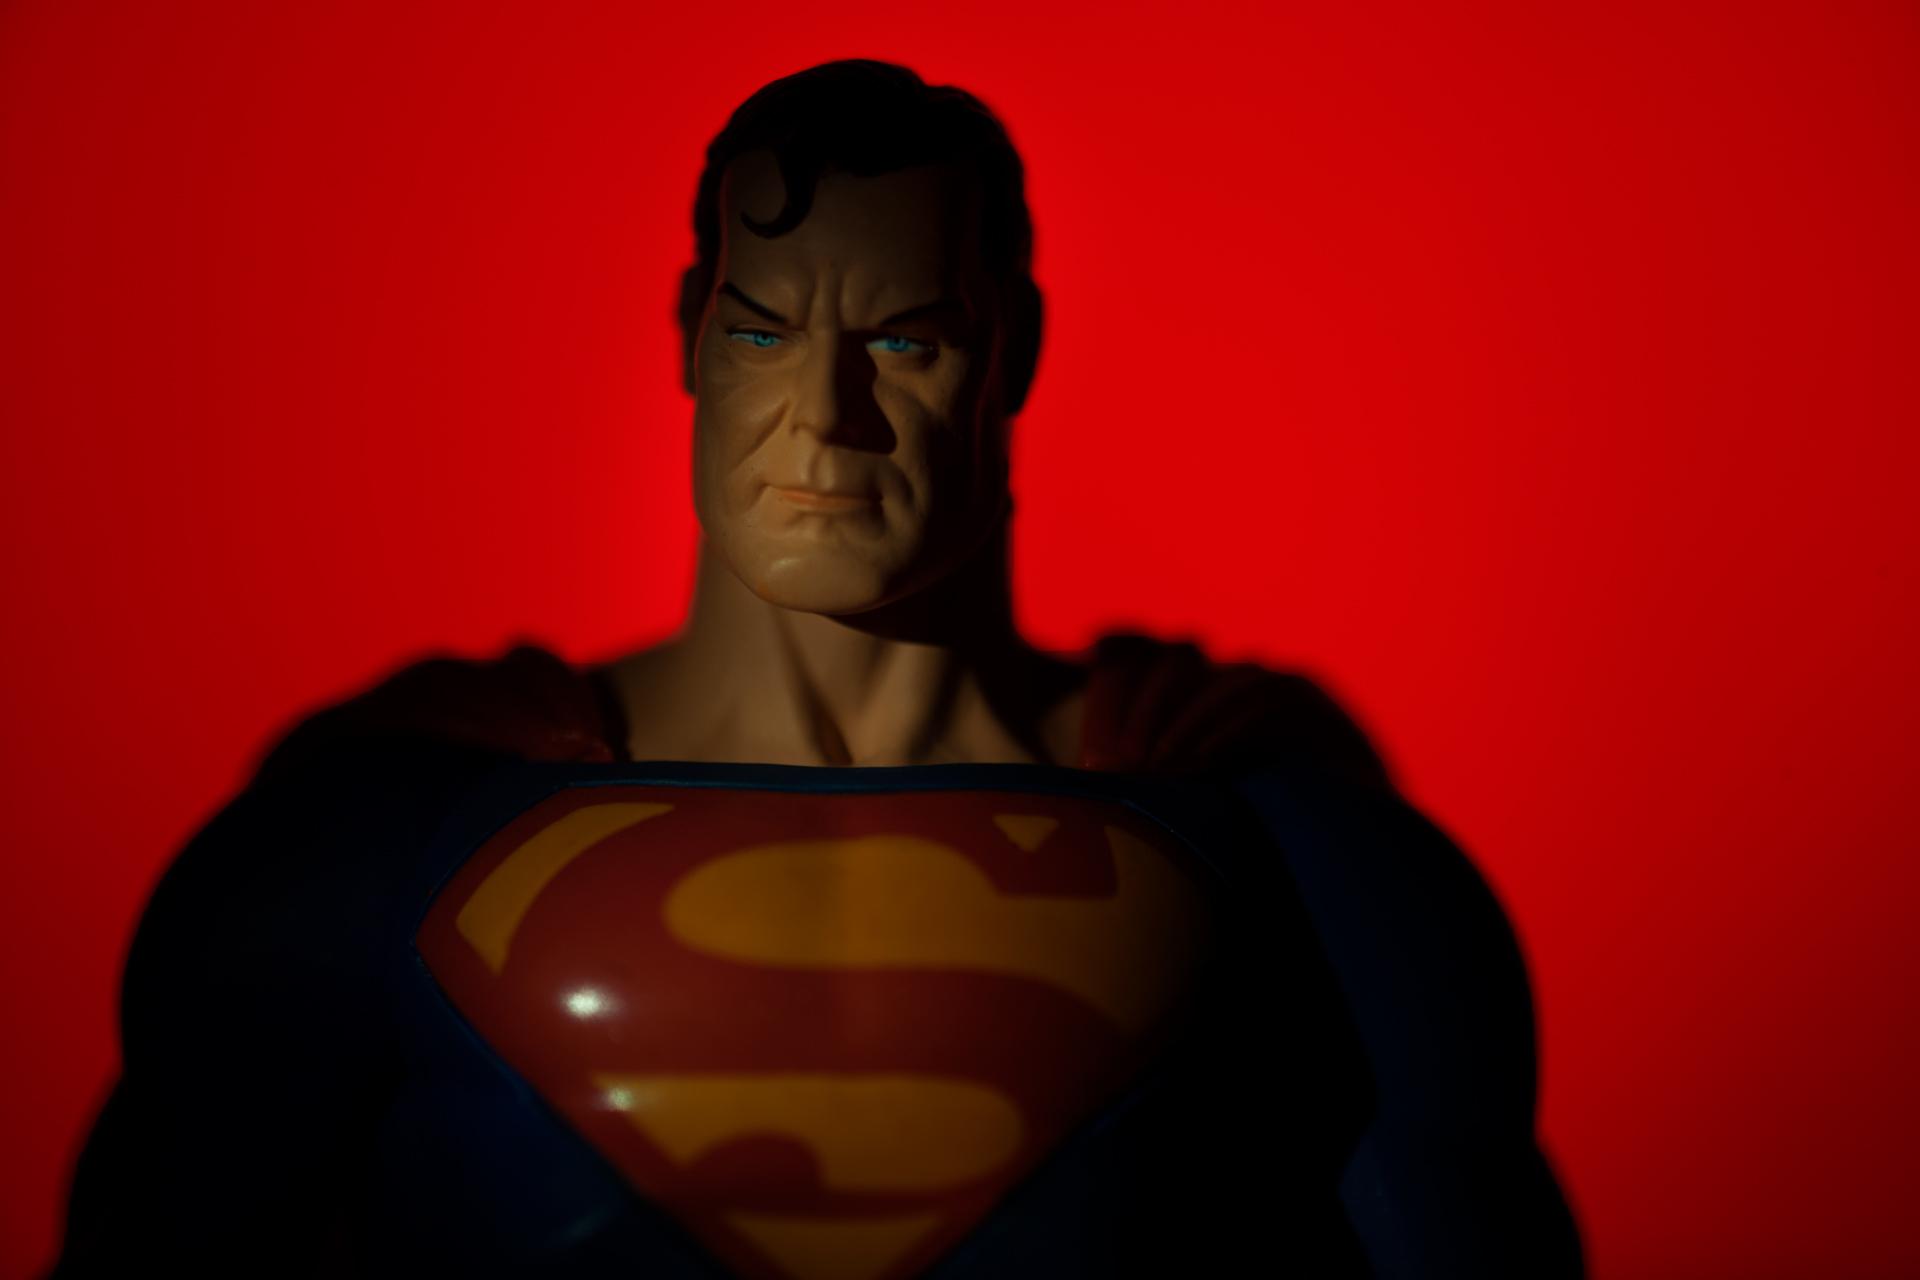 Super red 1